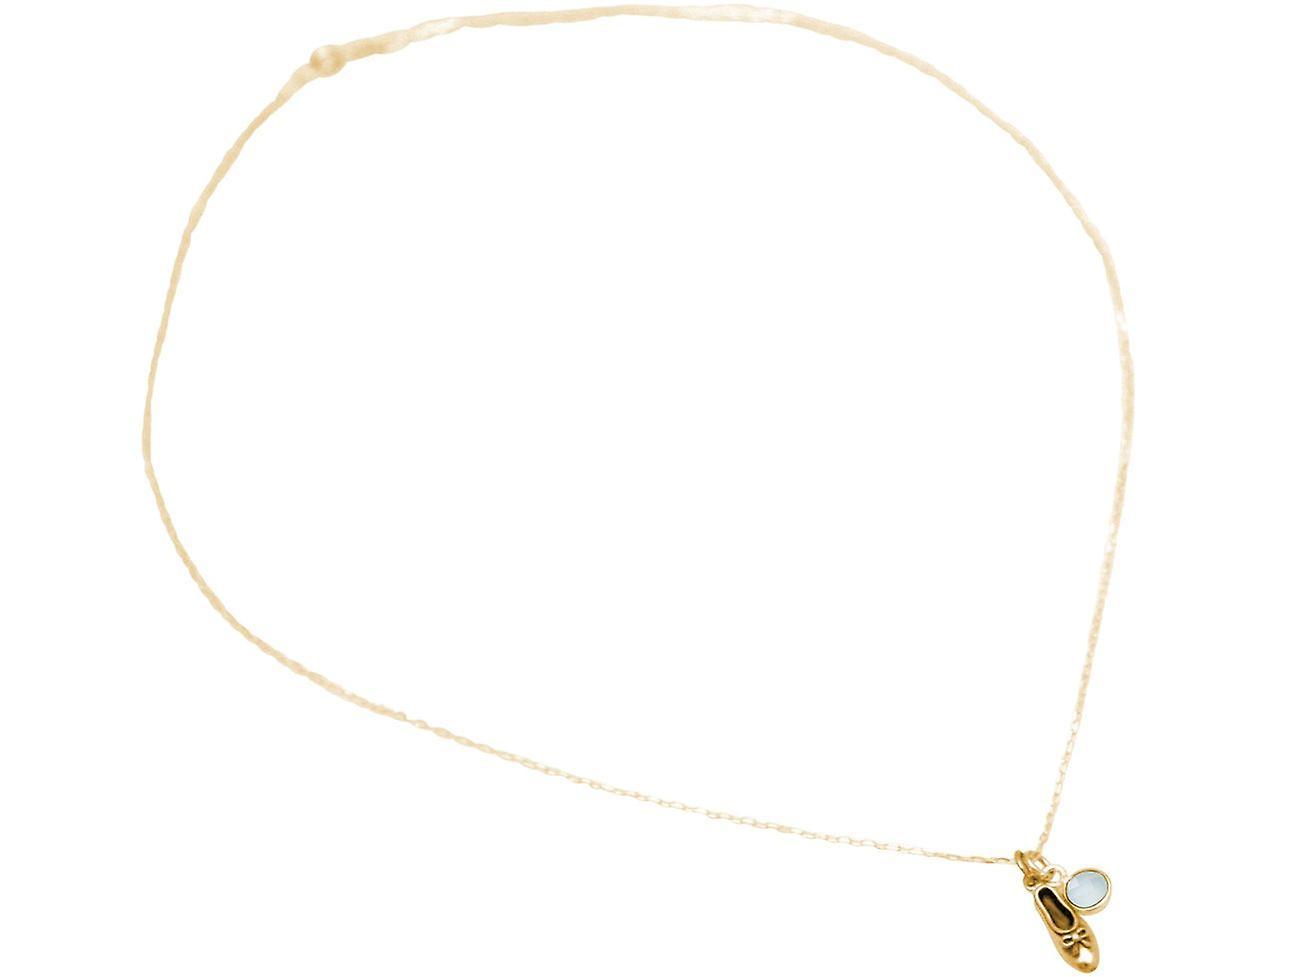 GEMSHINE Ballett Schuh Ballerina in 925 Silber, vergoldet oder rose - Chalcedon